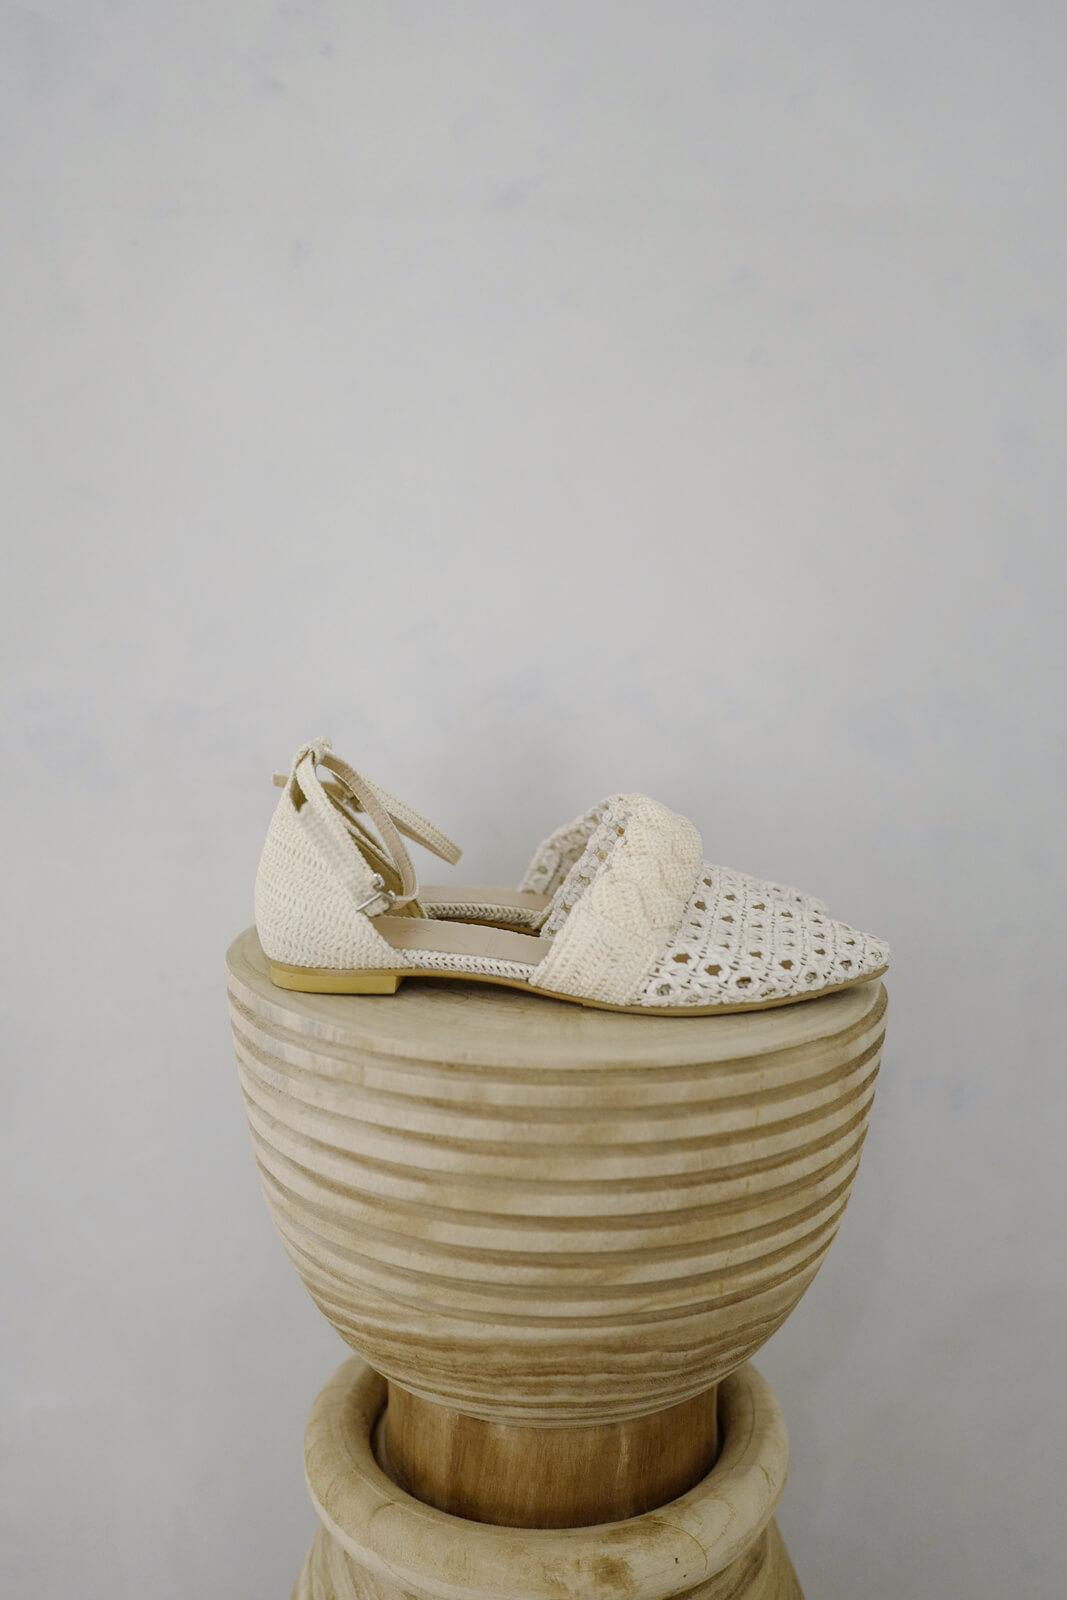 DCEVORY-Sandal